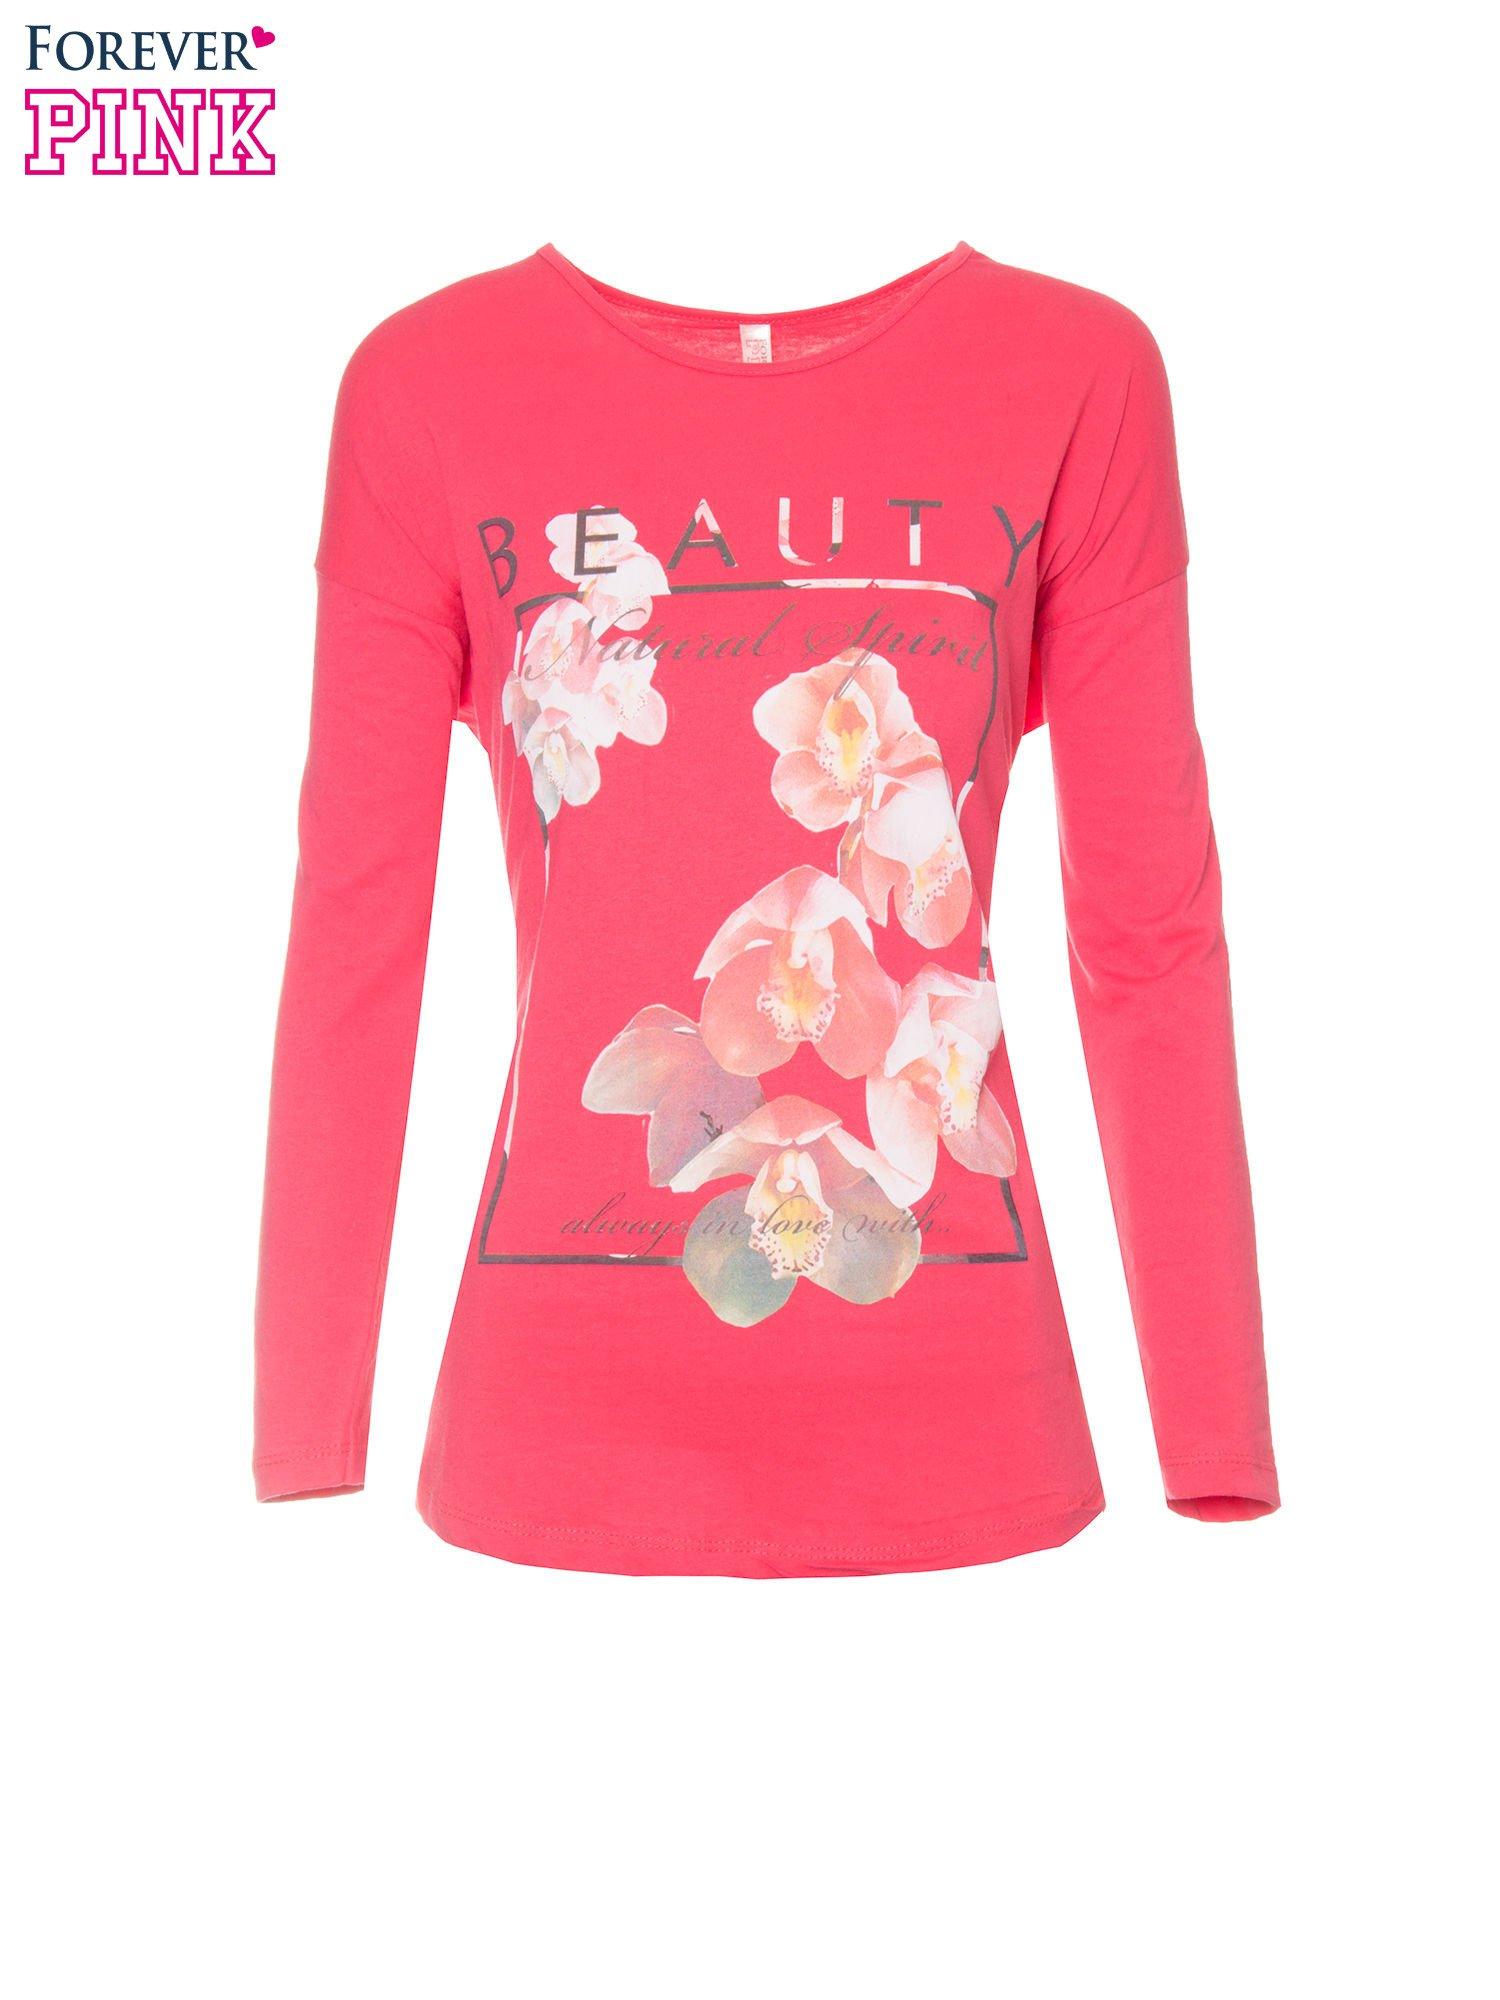 Koralowa bluzka z nadrukiem kwiatowym i napisem BEAUTY                                  zdj.                                  5